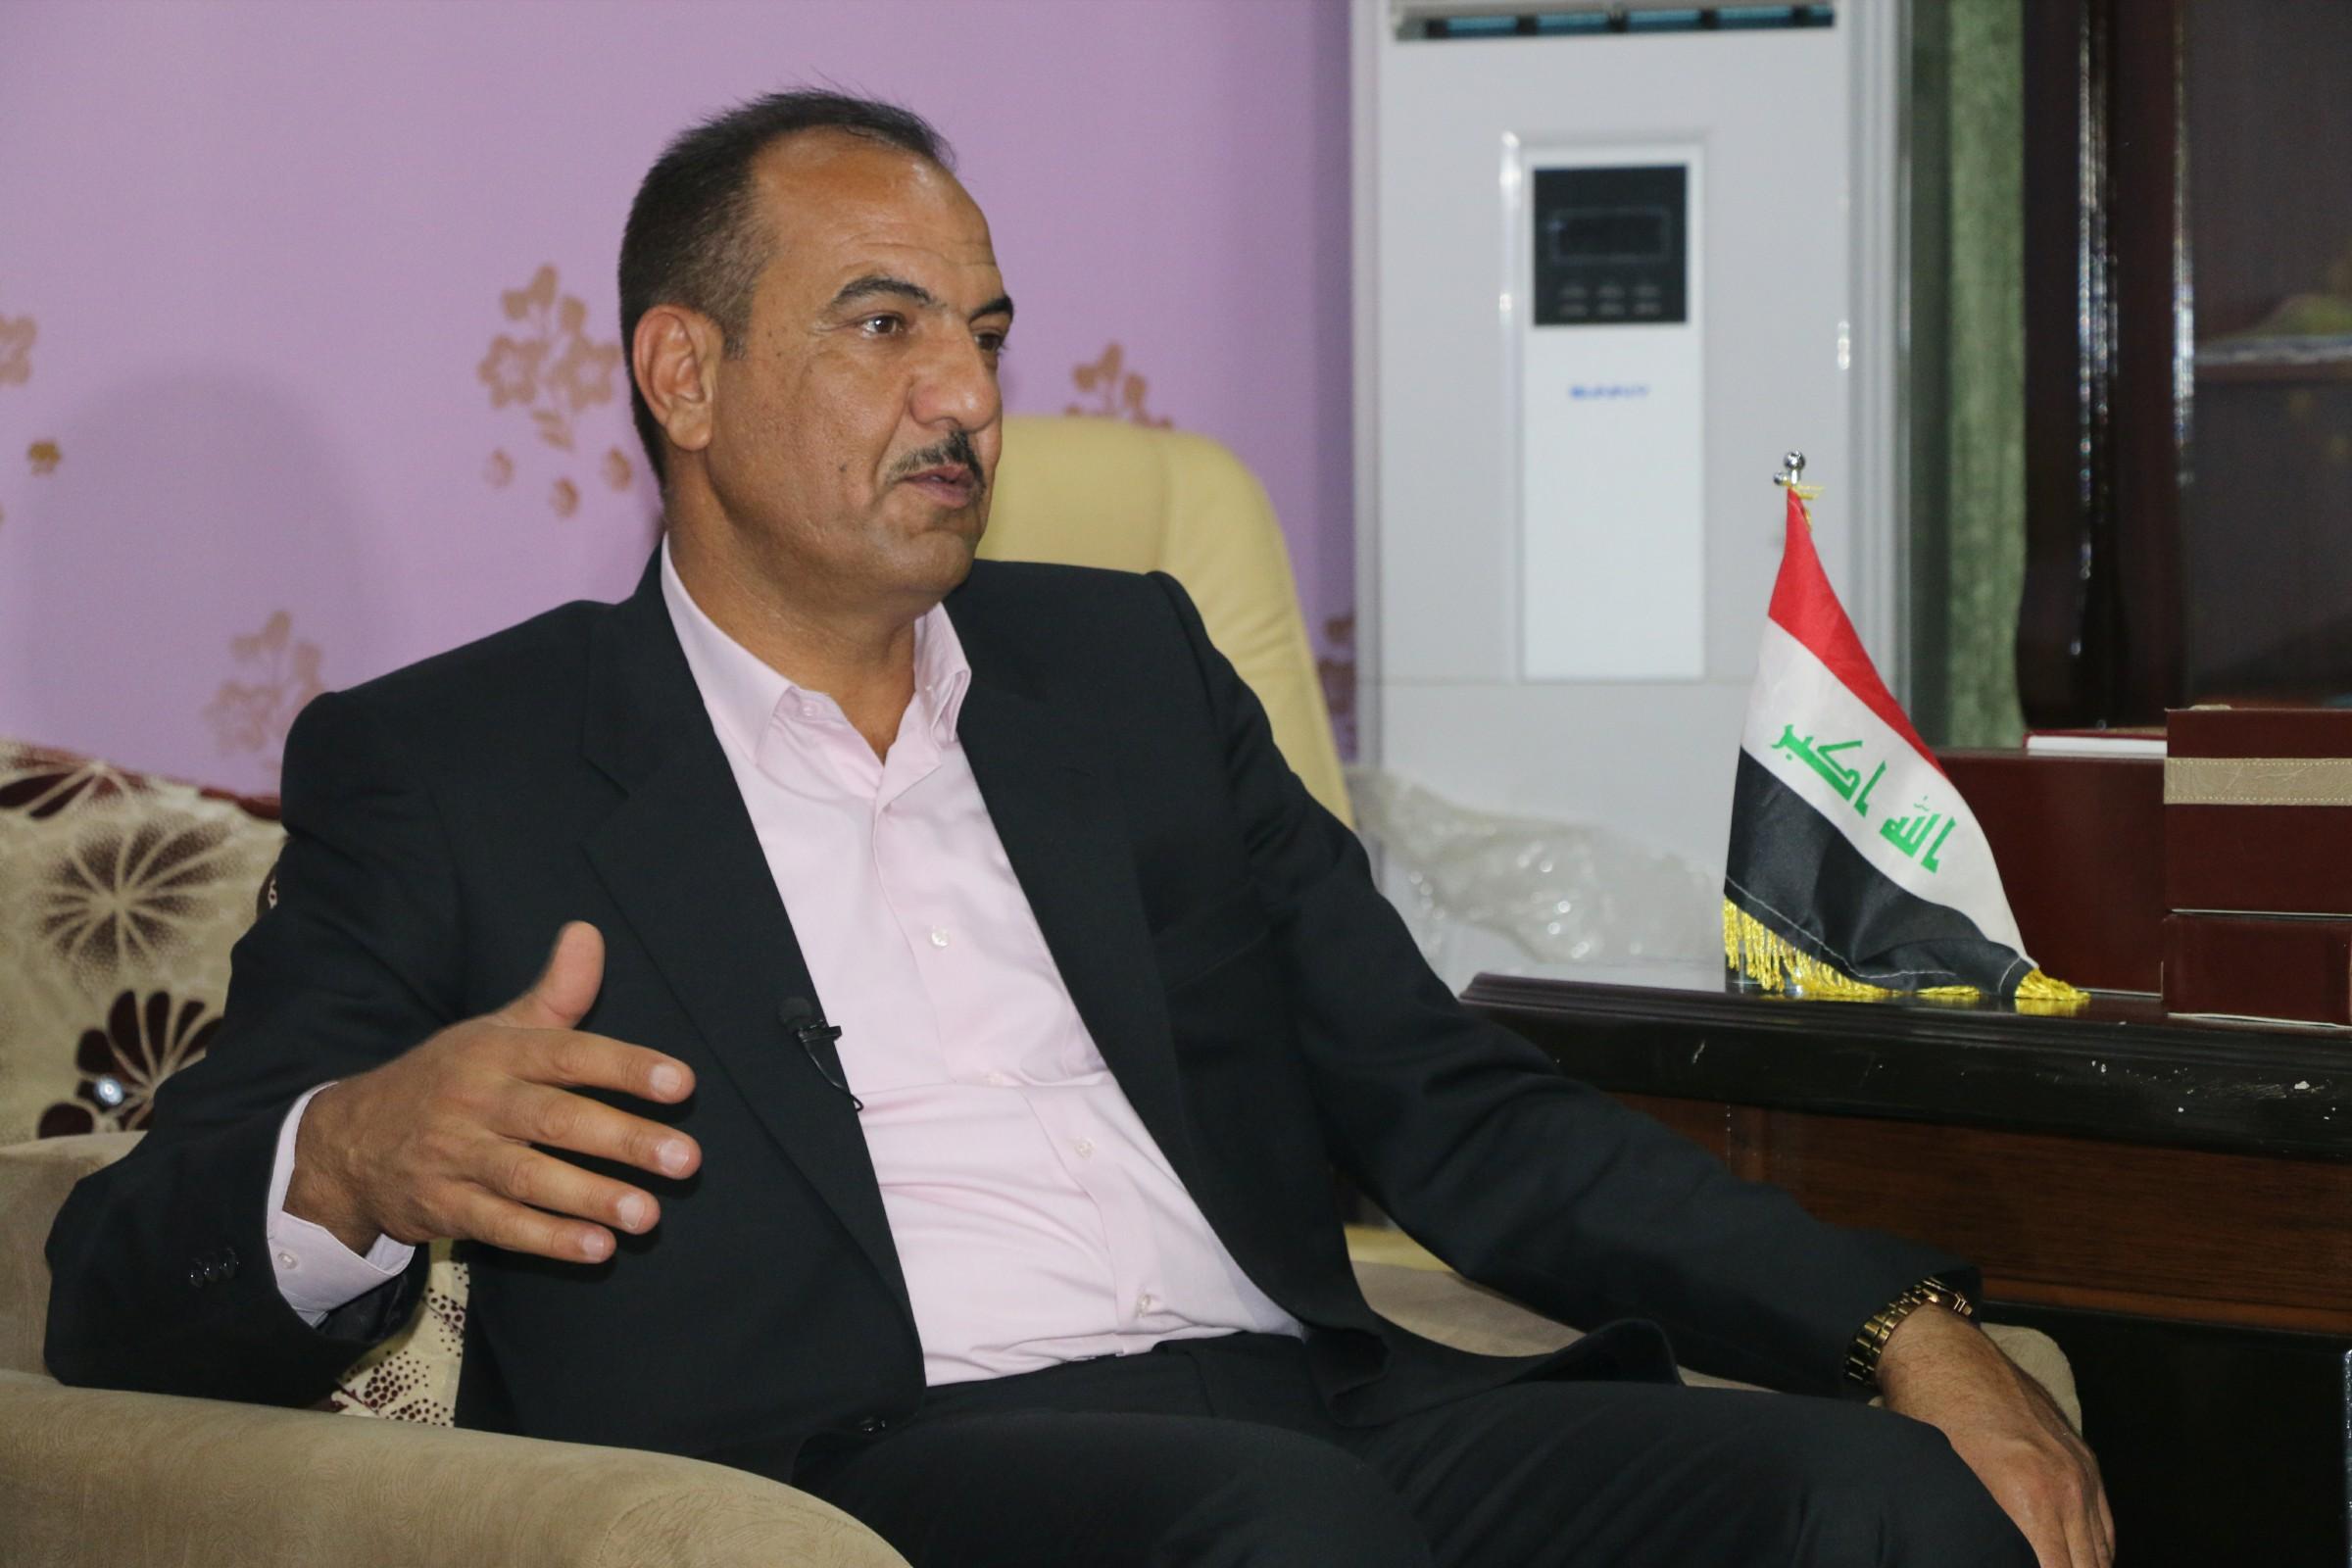 عضو بمجلس الأنبار: تحسن الوضع الاقتصادي بالمحافظة مرهون بالوضع الأمني والسياسي